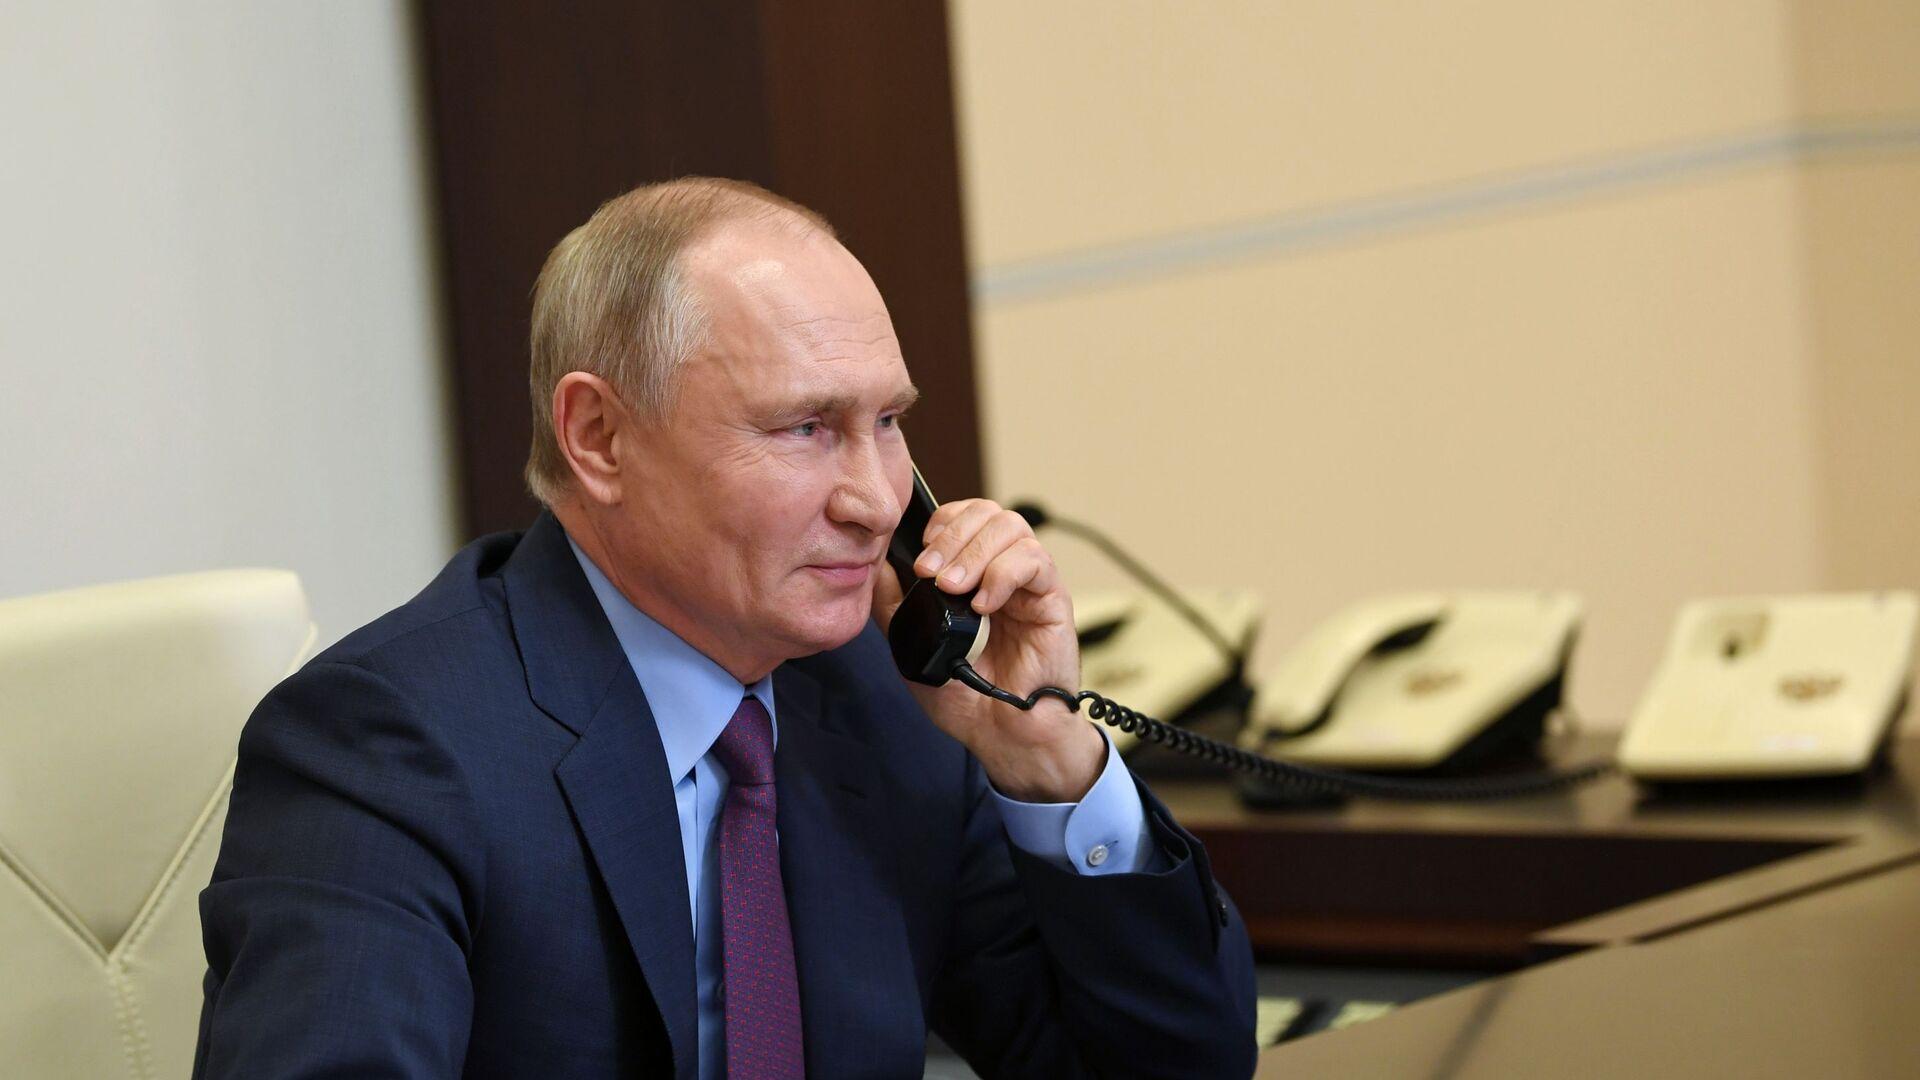 Президент России Владимир Путин, архивное фото - Sputnik Беларусь, 1920, 13.04.2021